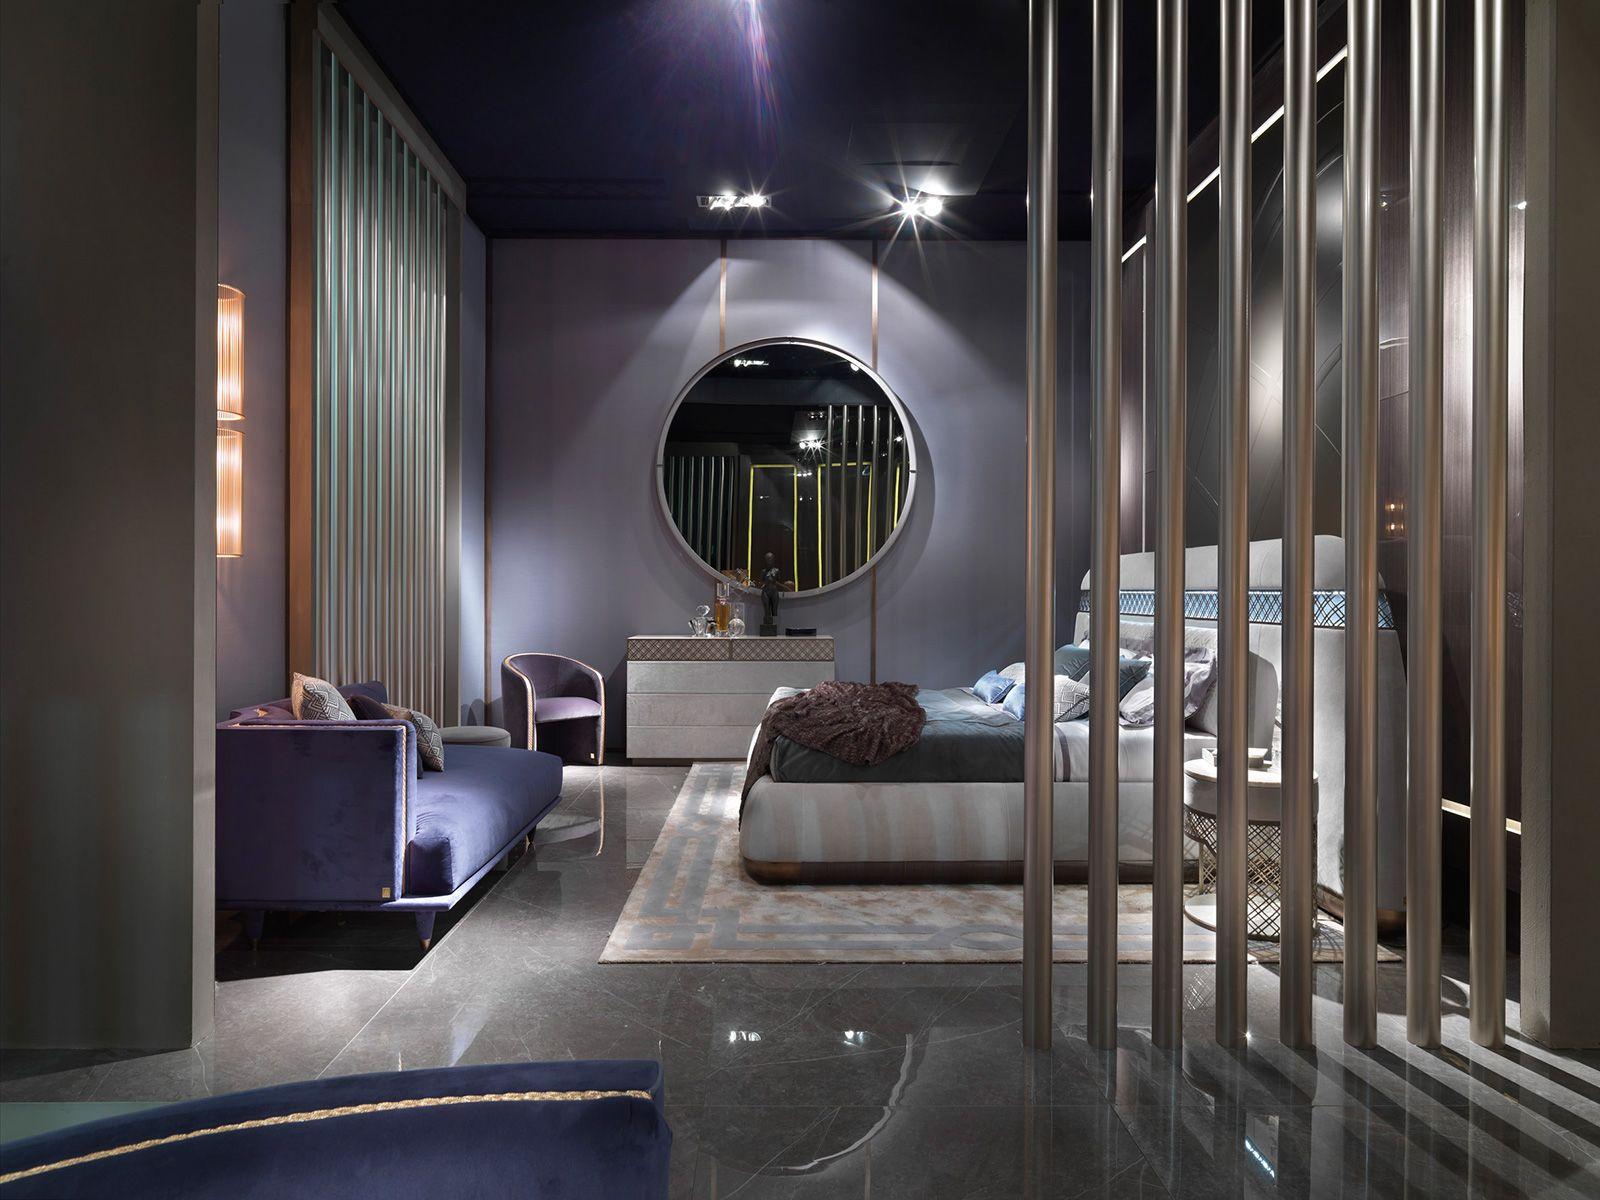 Maisons Valentino in 2020 Home decor, Home, Interior design